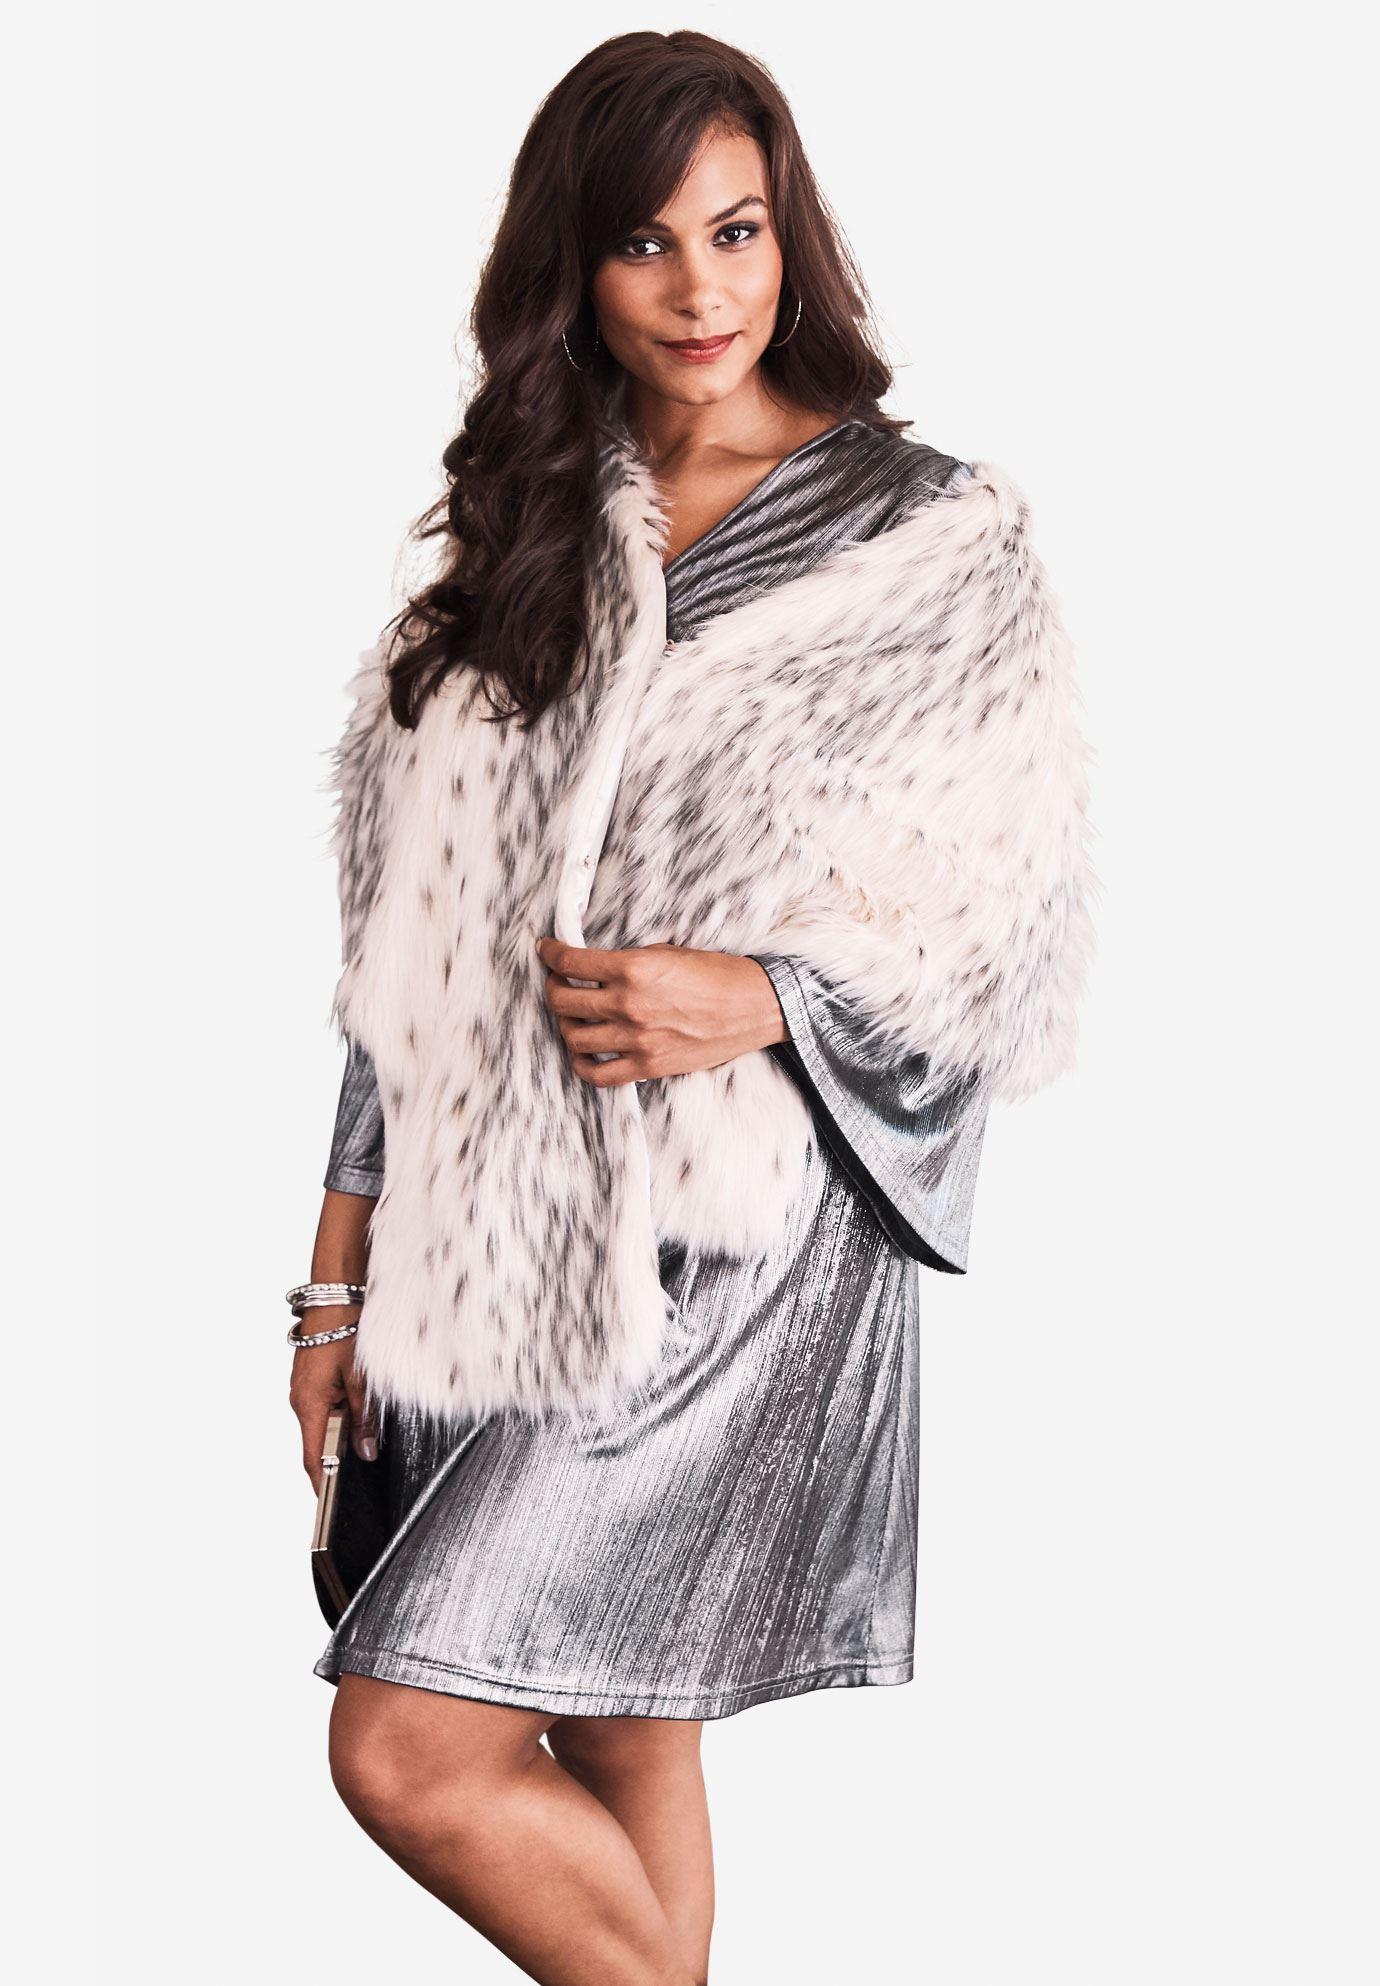 ba2072f4833c Faux-Fur Leopard Shrug by Donna Salyers Fabulous Furs| Plus Size ...